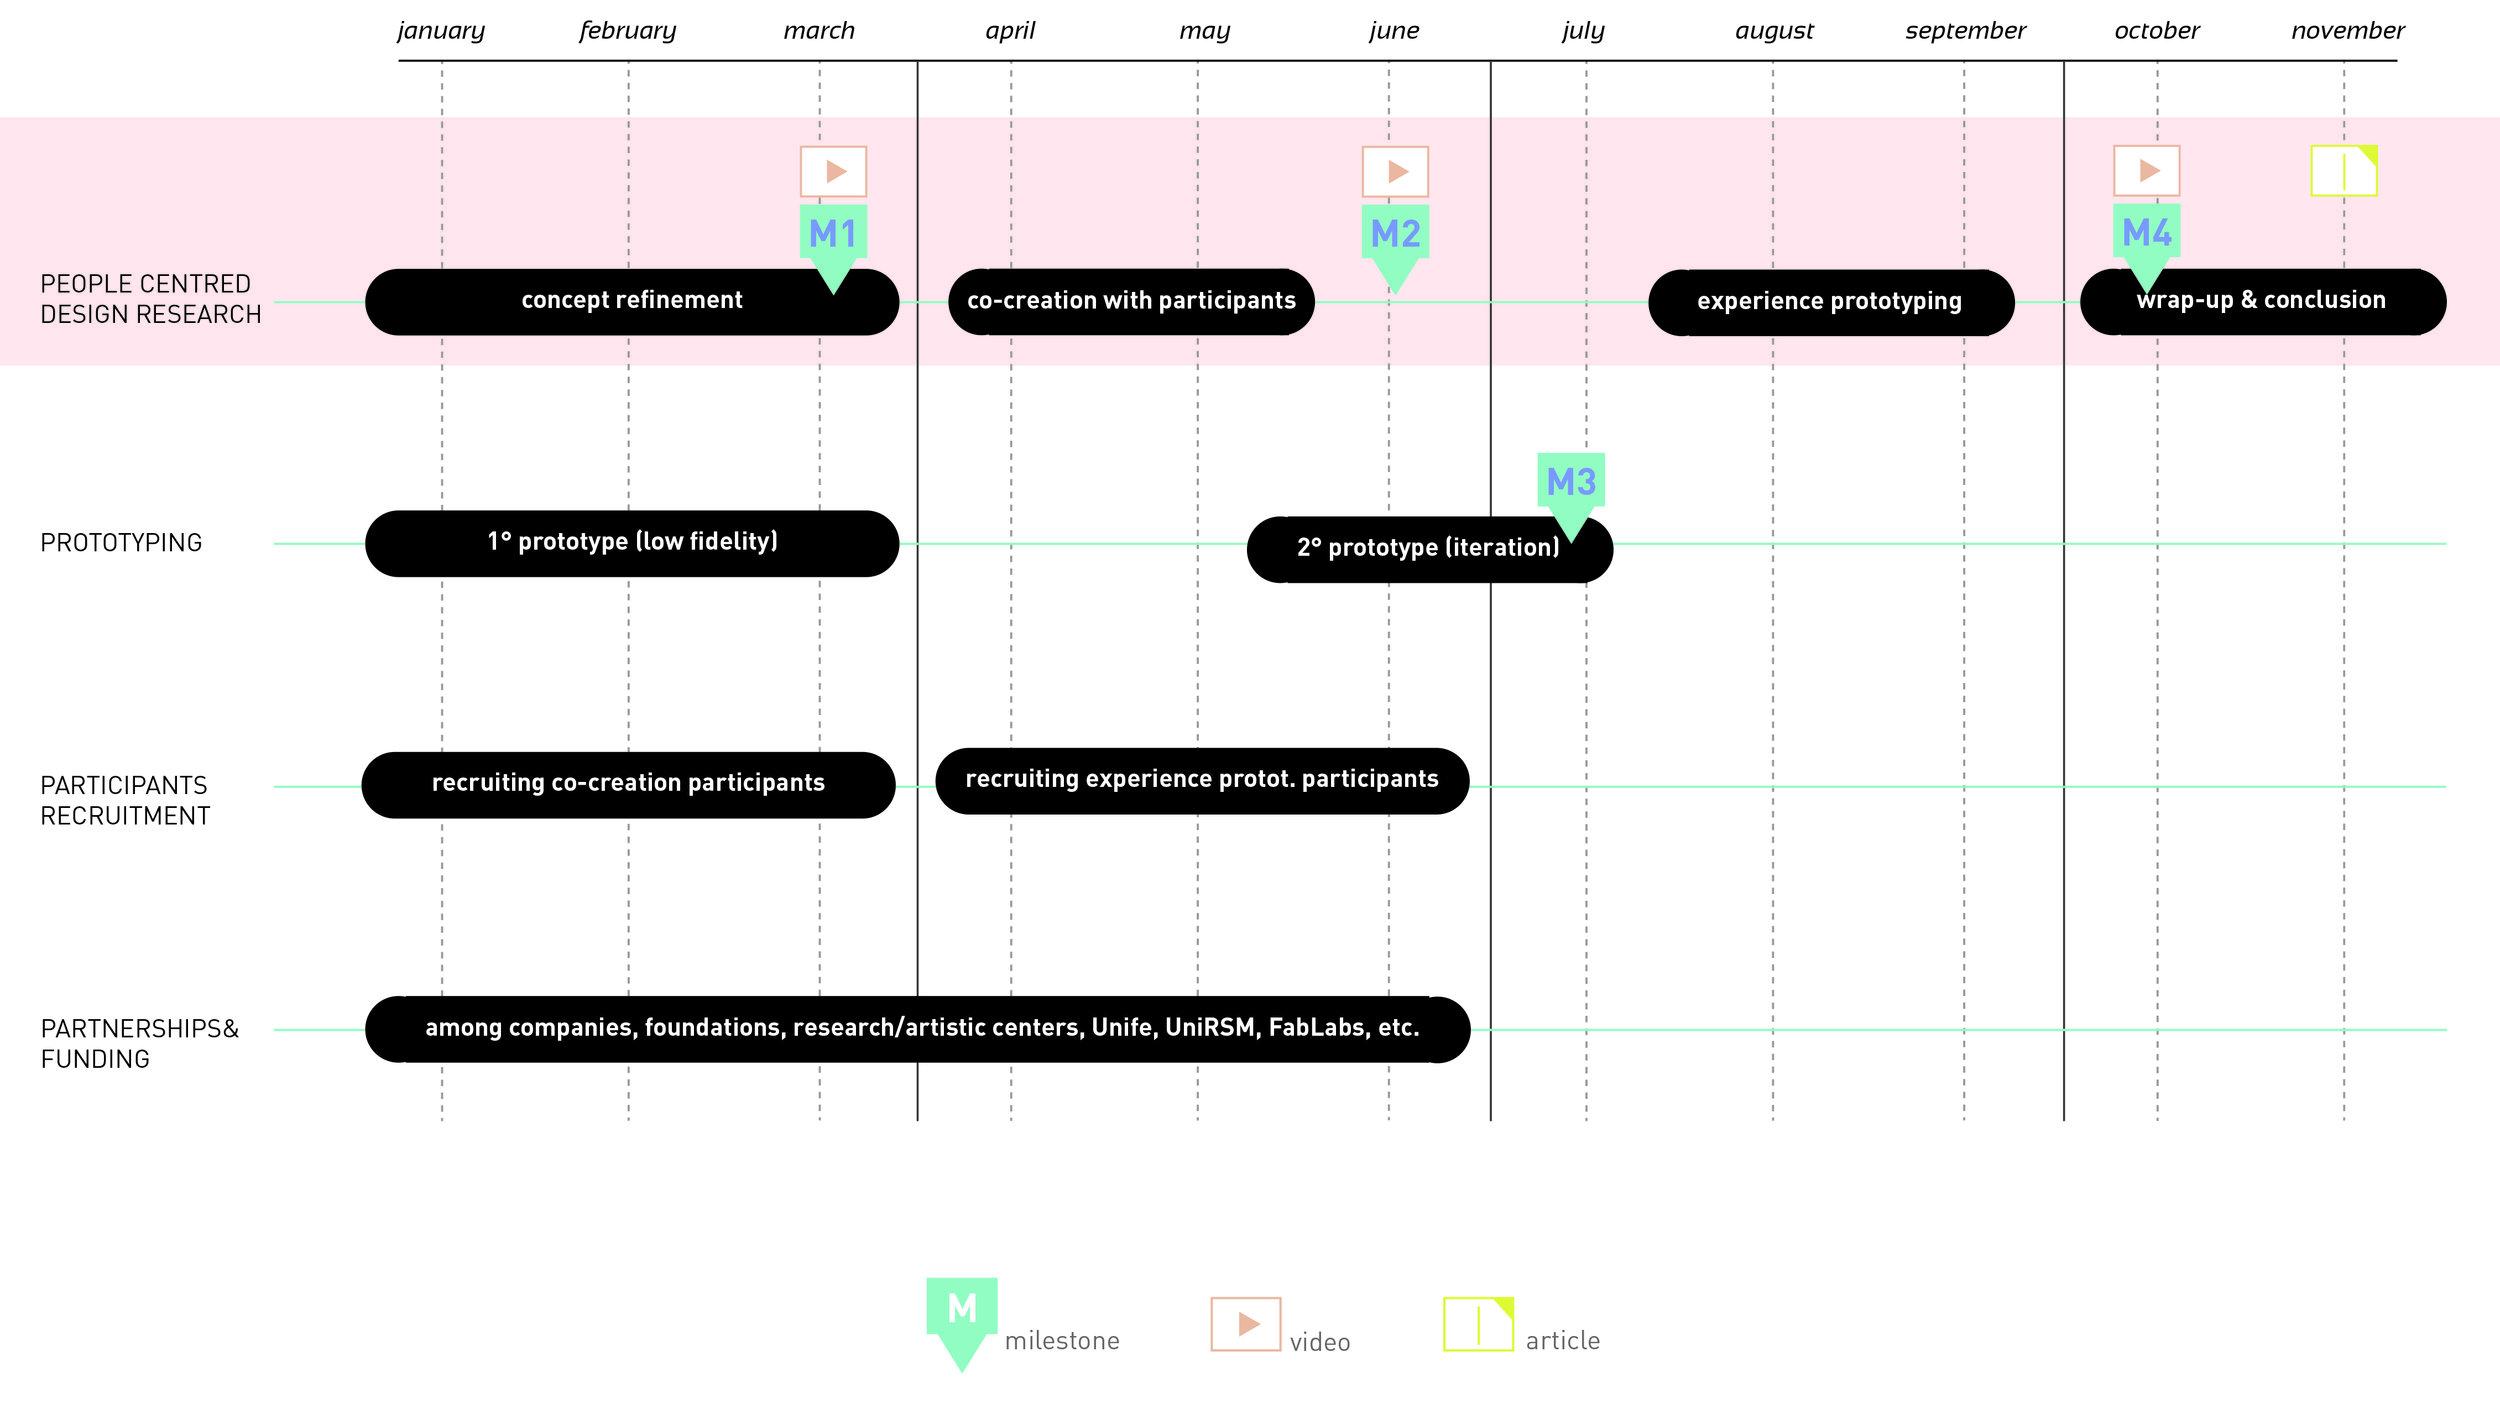 Storytellers_timeline_test_colori_2.jpg